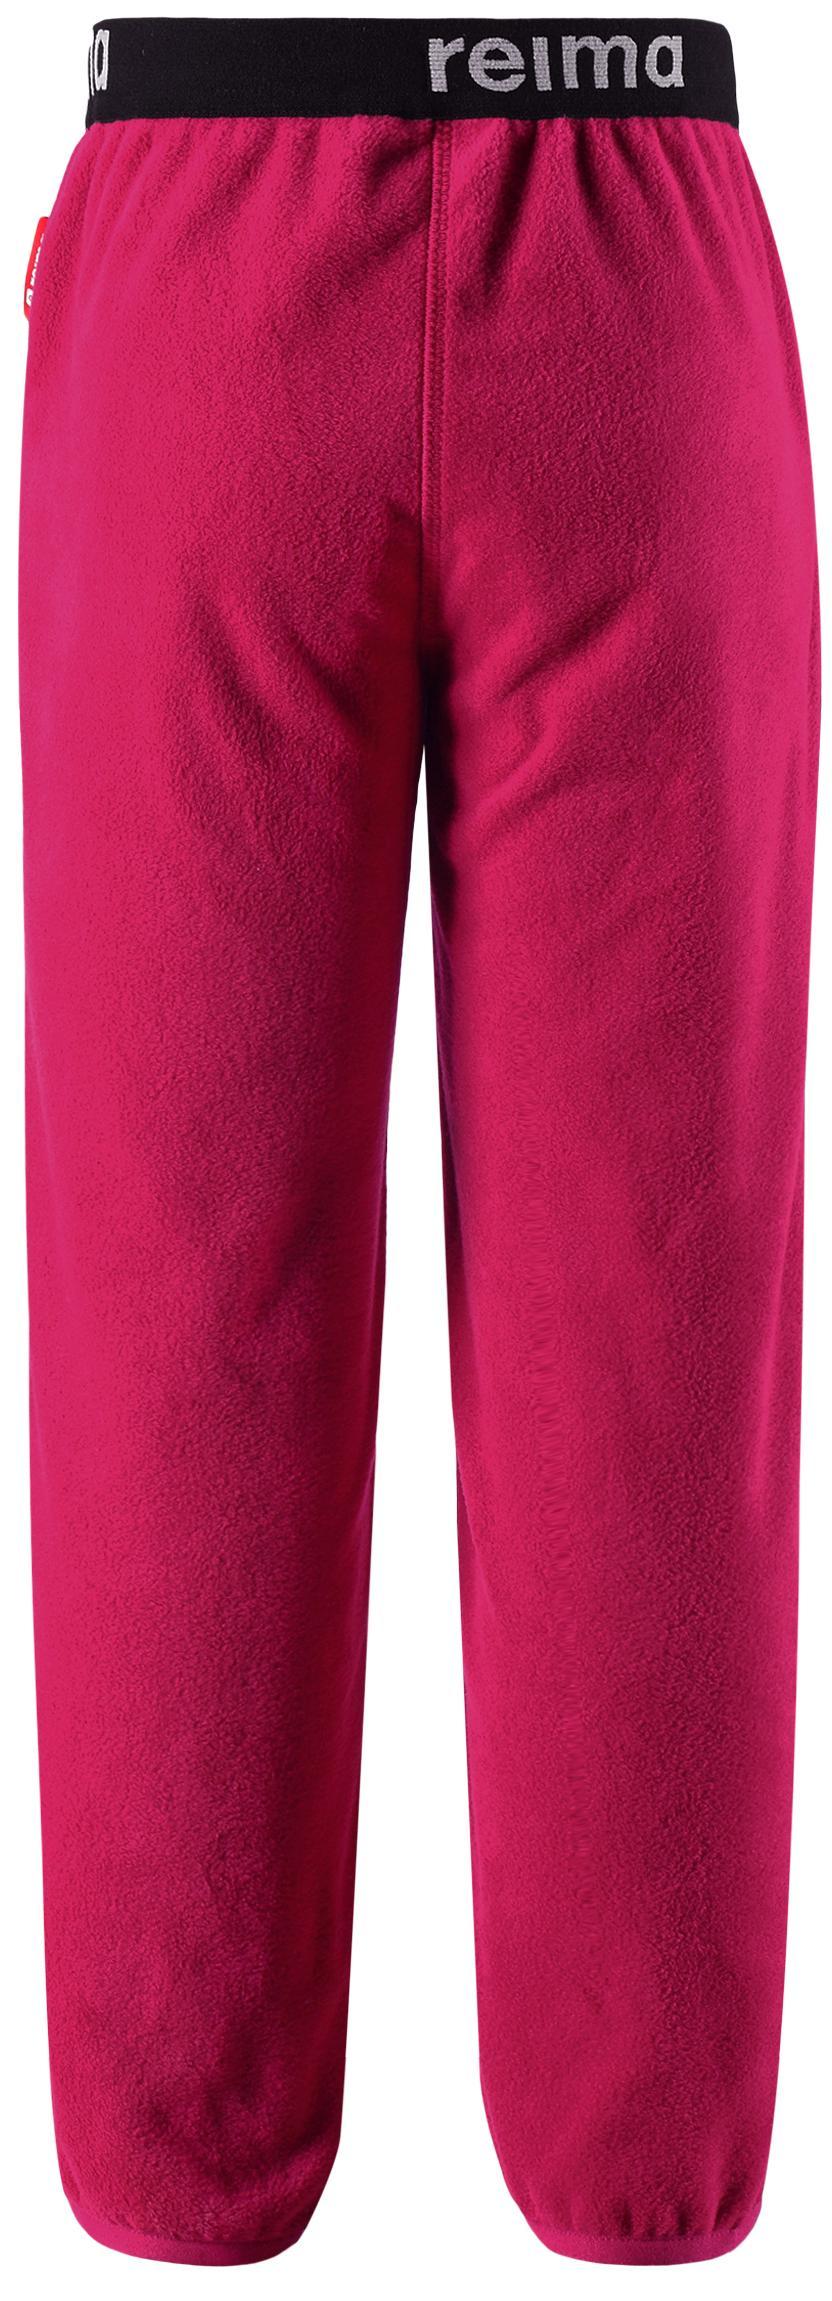 Брюки флис Reima 2018-19 Argelius CRANBERRY PINK, Зимние брюки и полукомбинезоны - арт. 1117880348